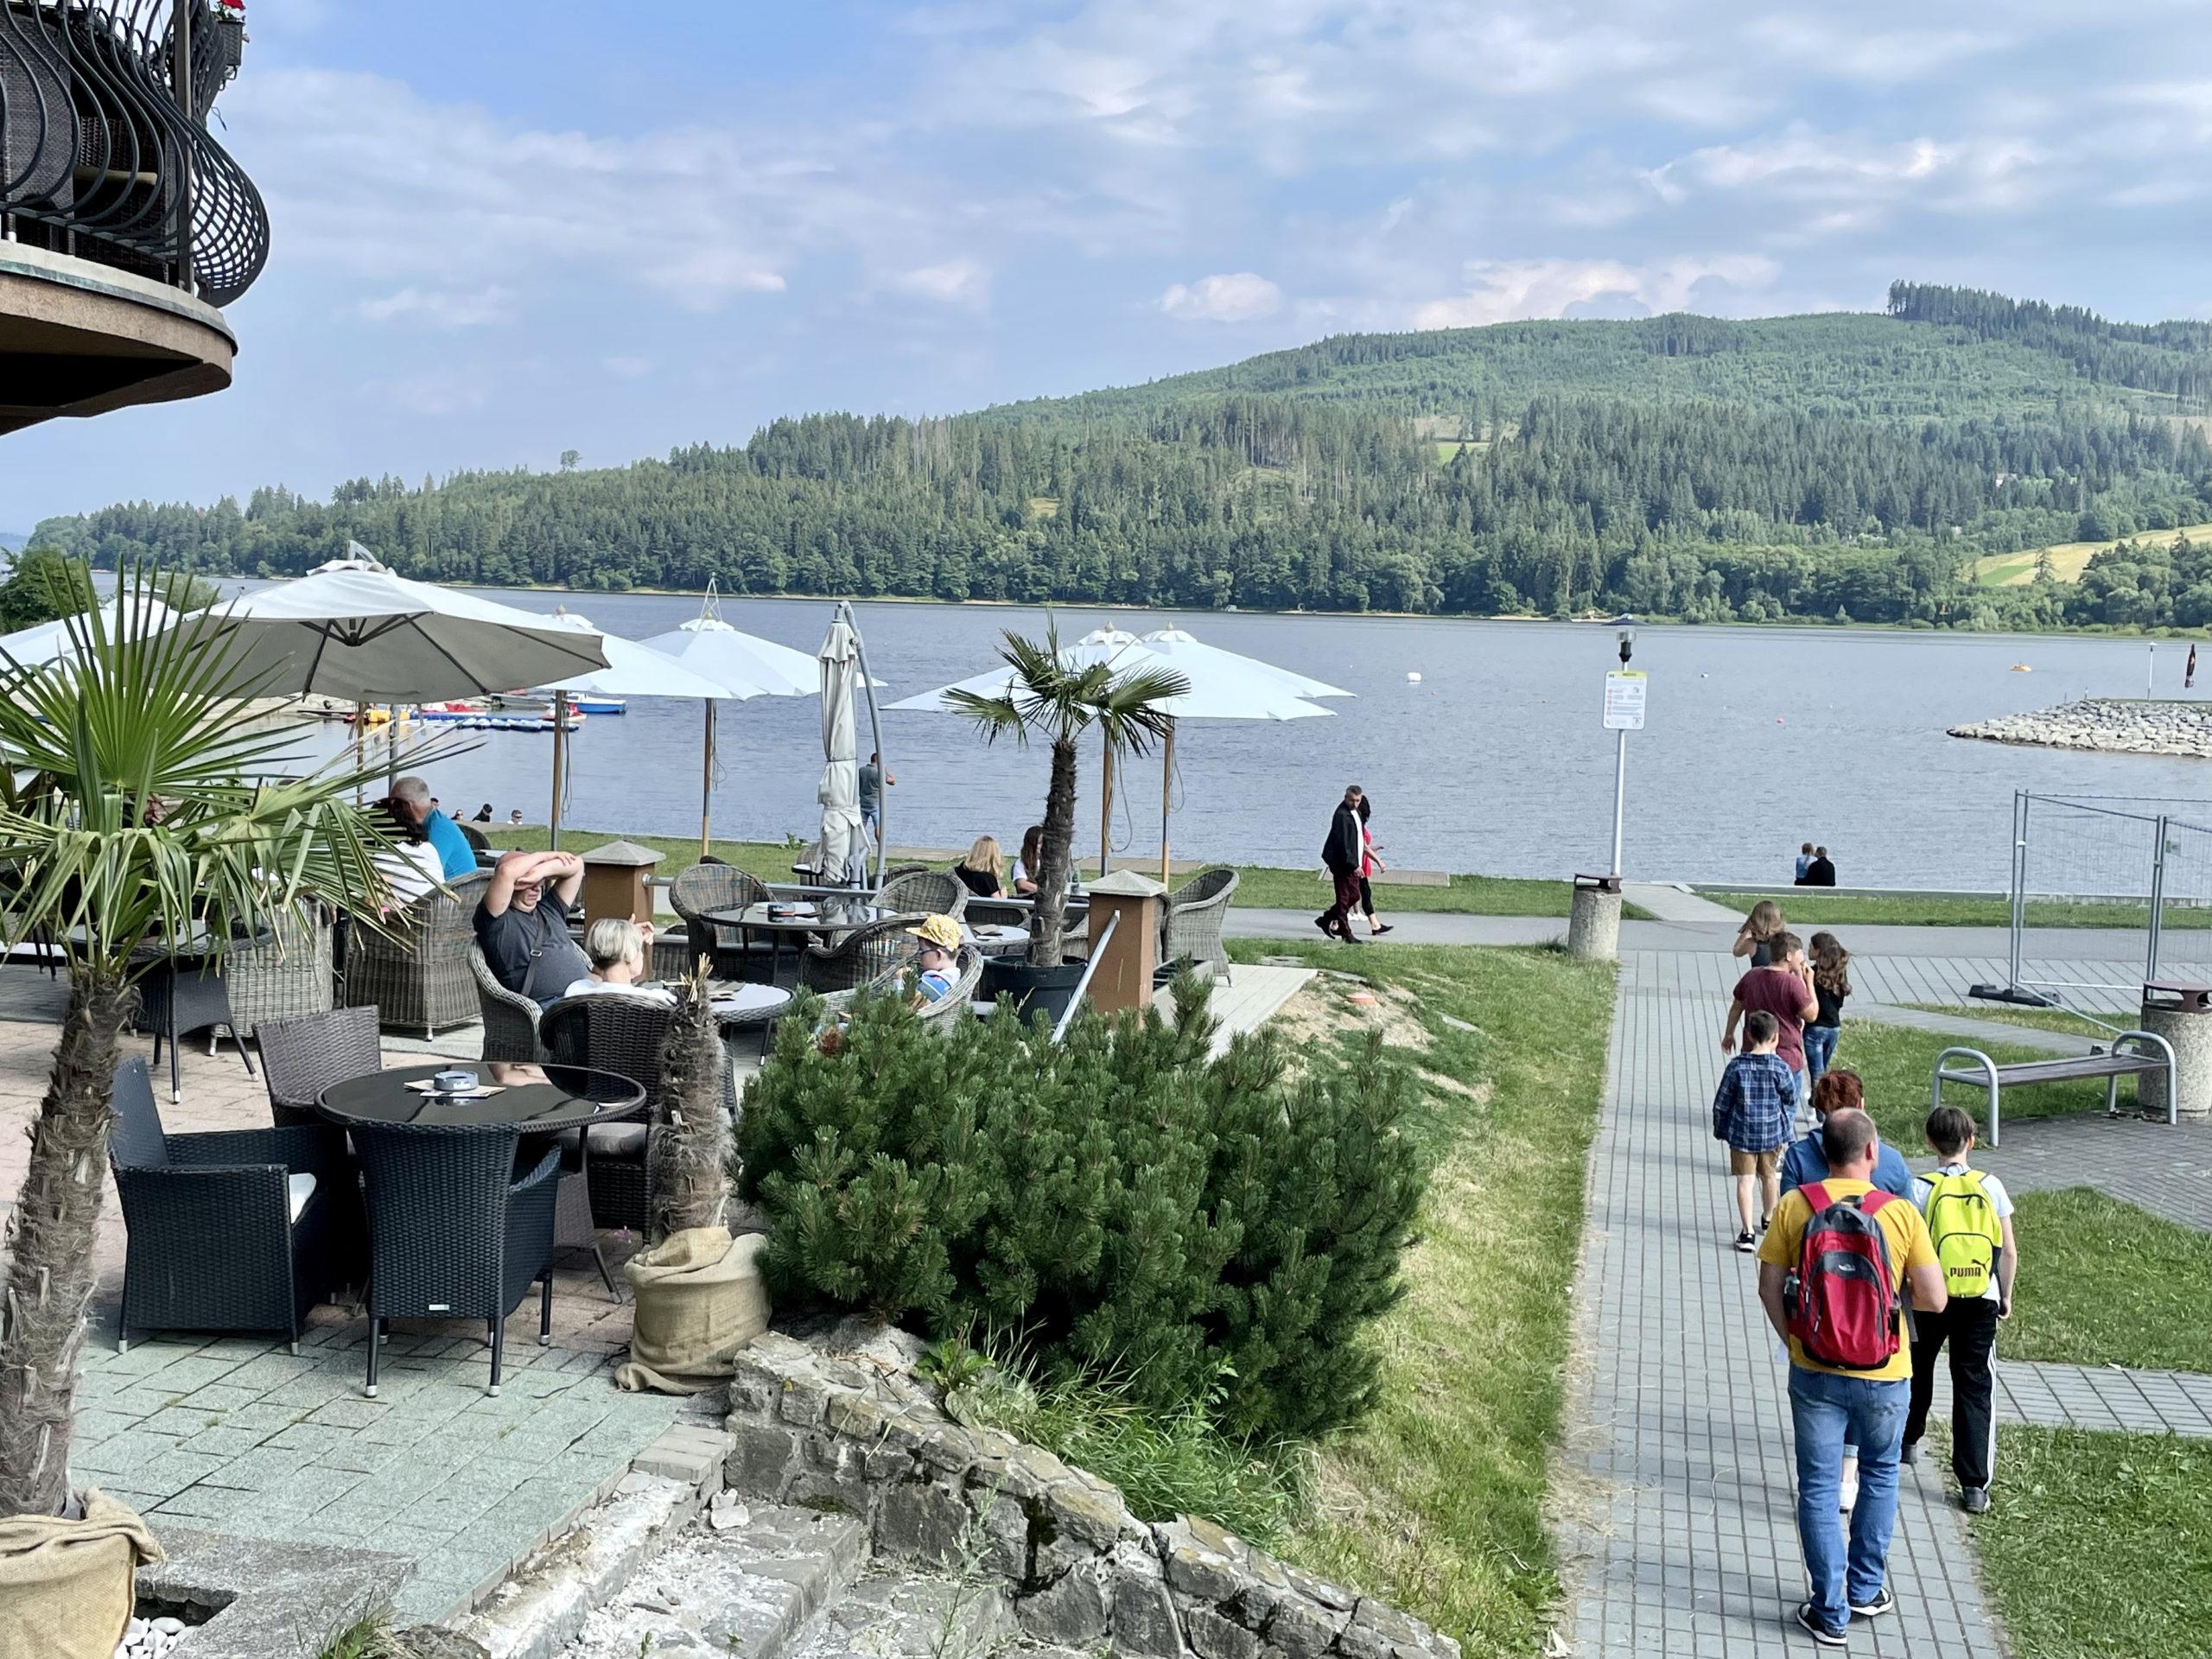 Namestowo nad Jeziorem Orawskim ma do zaoferowania sporo atrakcji w lecie